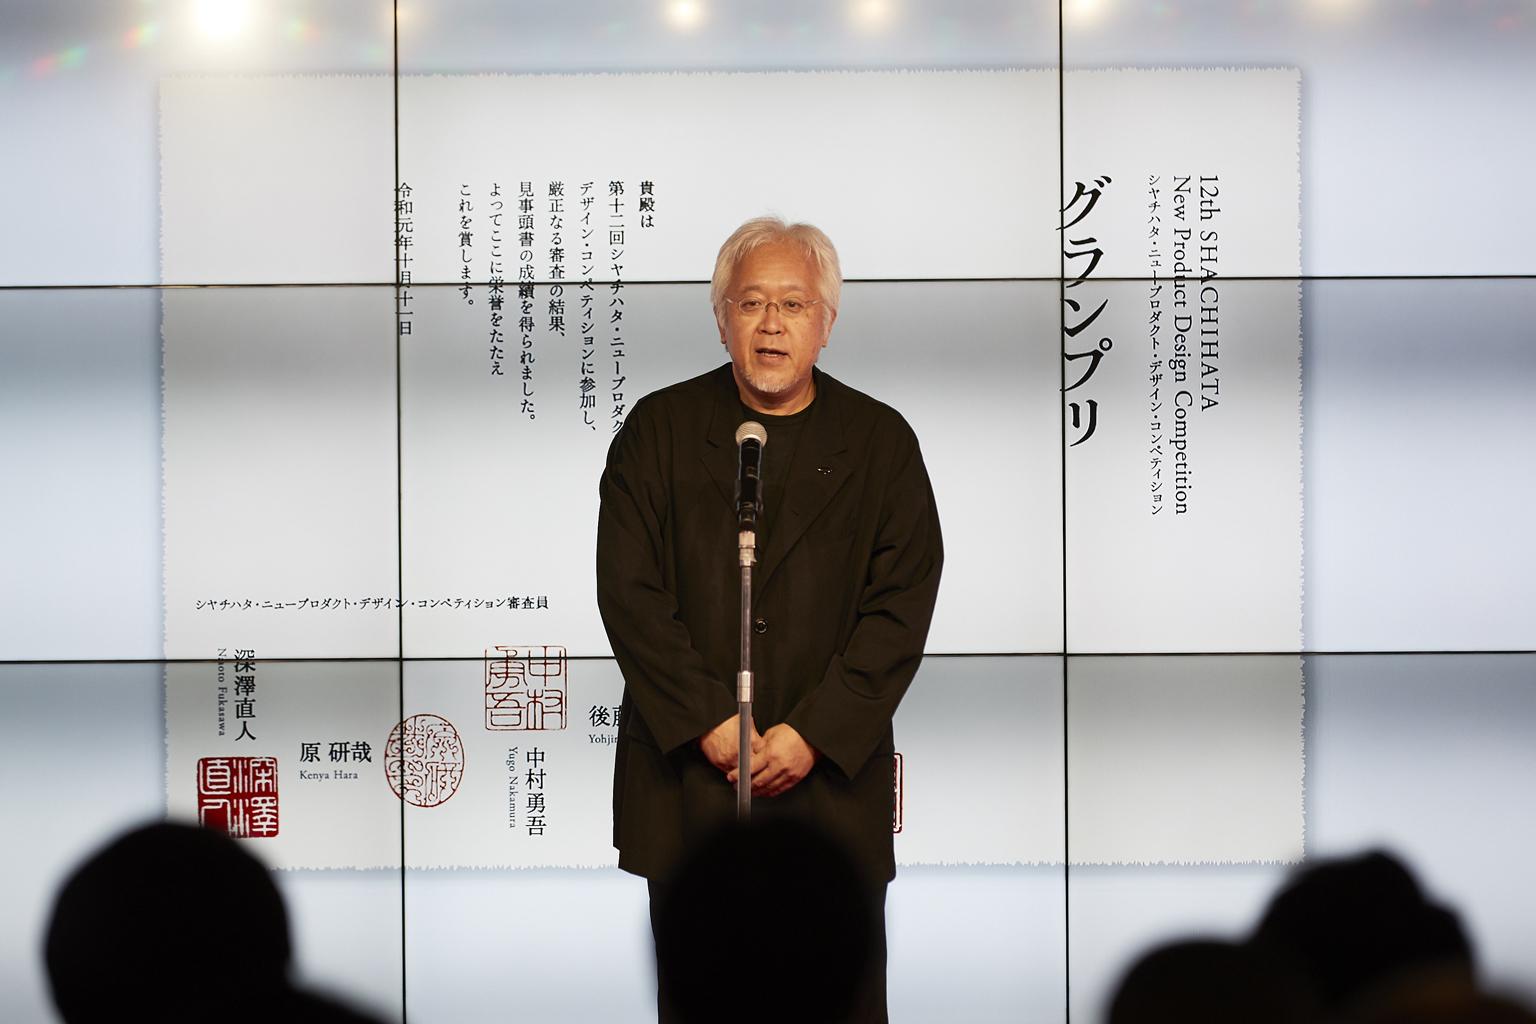 「シヤチハタ・ニュープロダクト・デザイン・コンペティション」表彰状のデザインを壇上で説明する原研哉さん